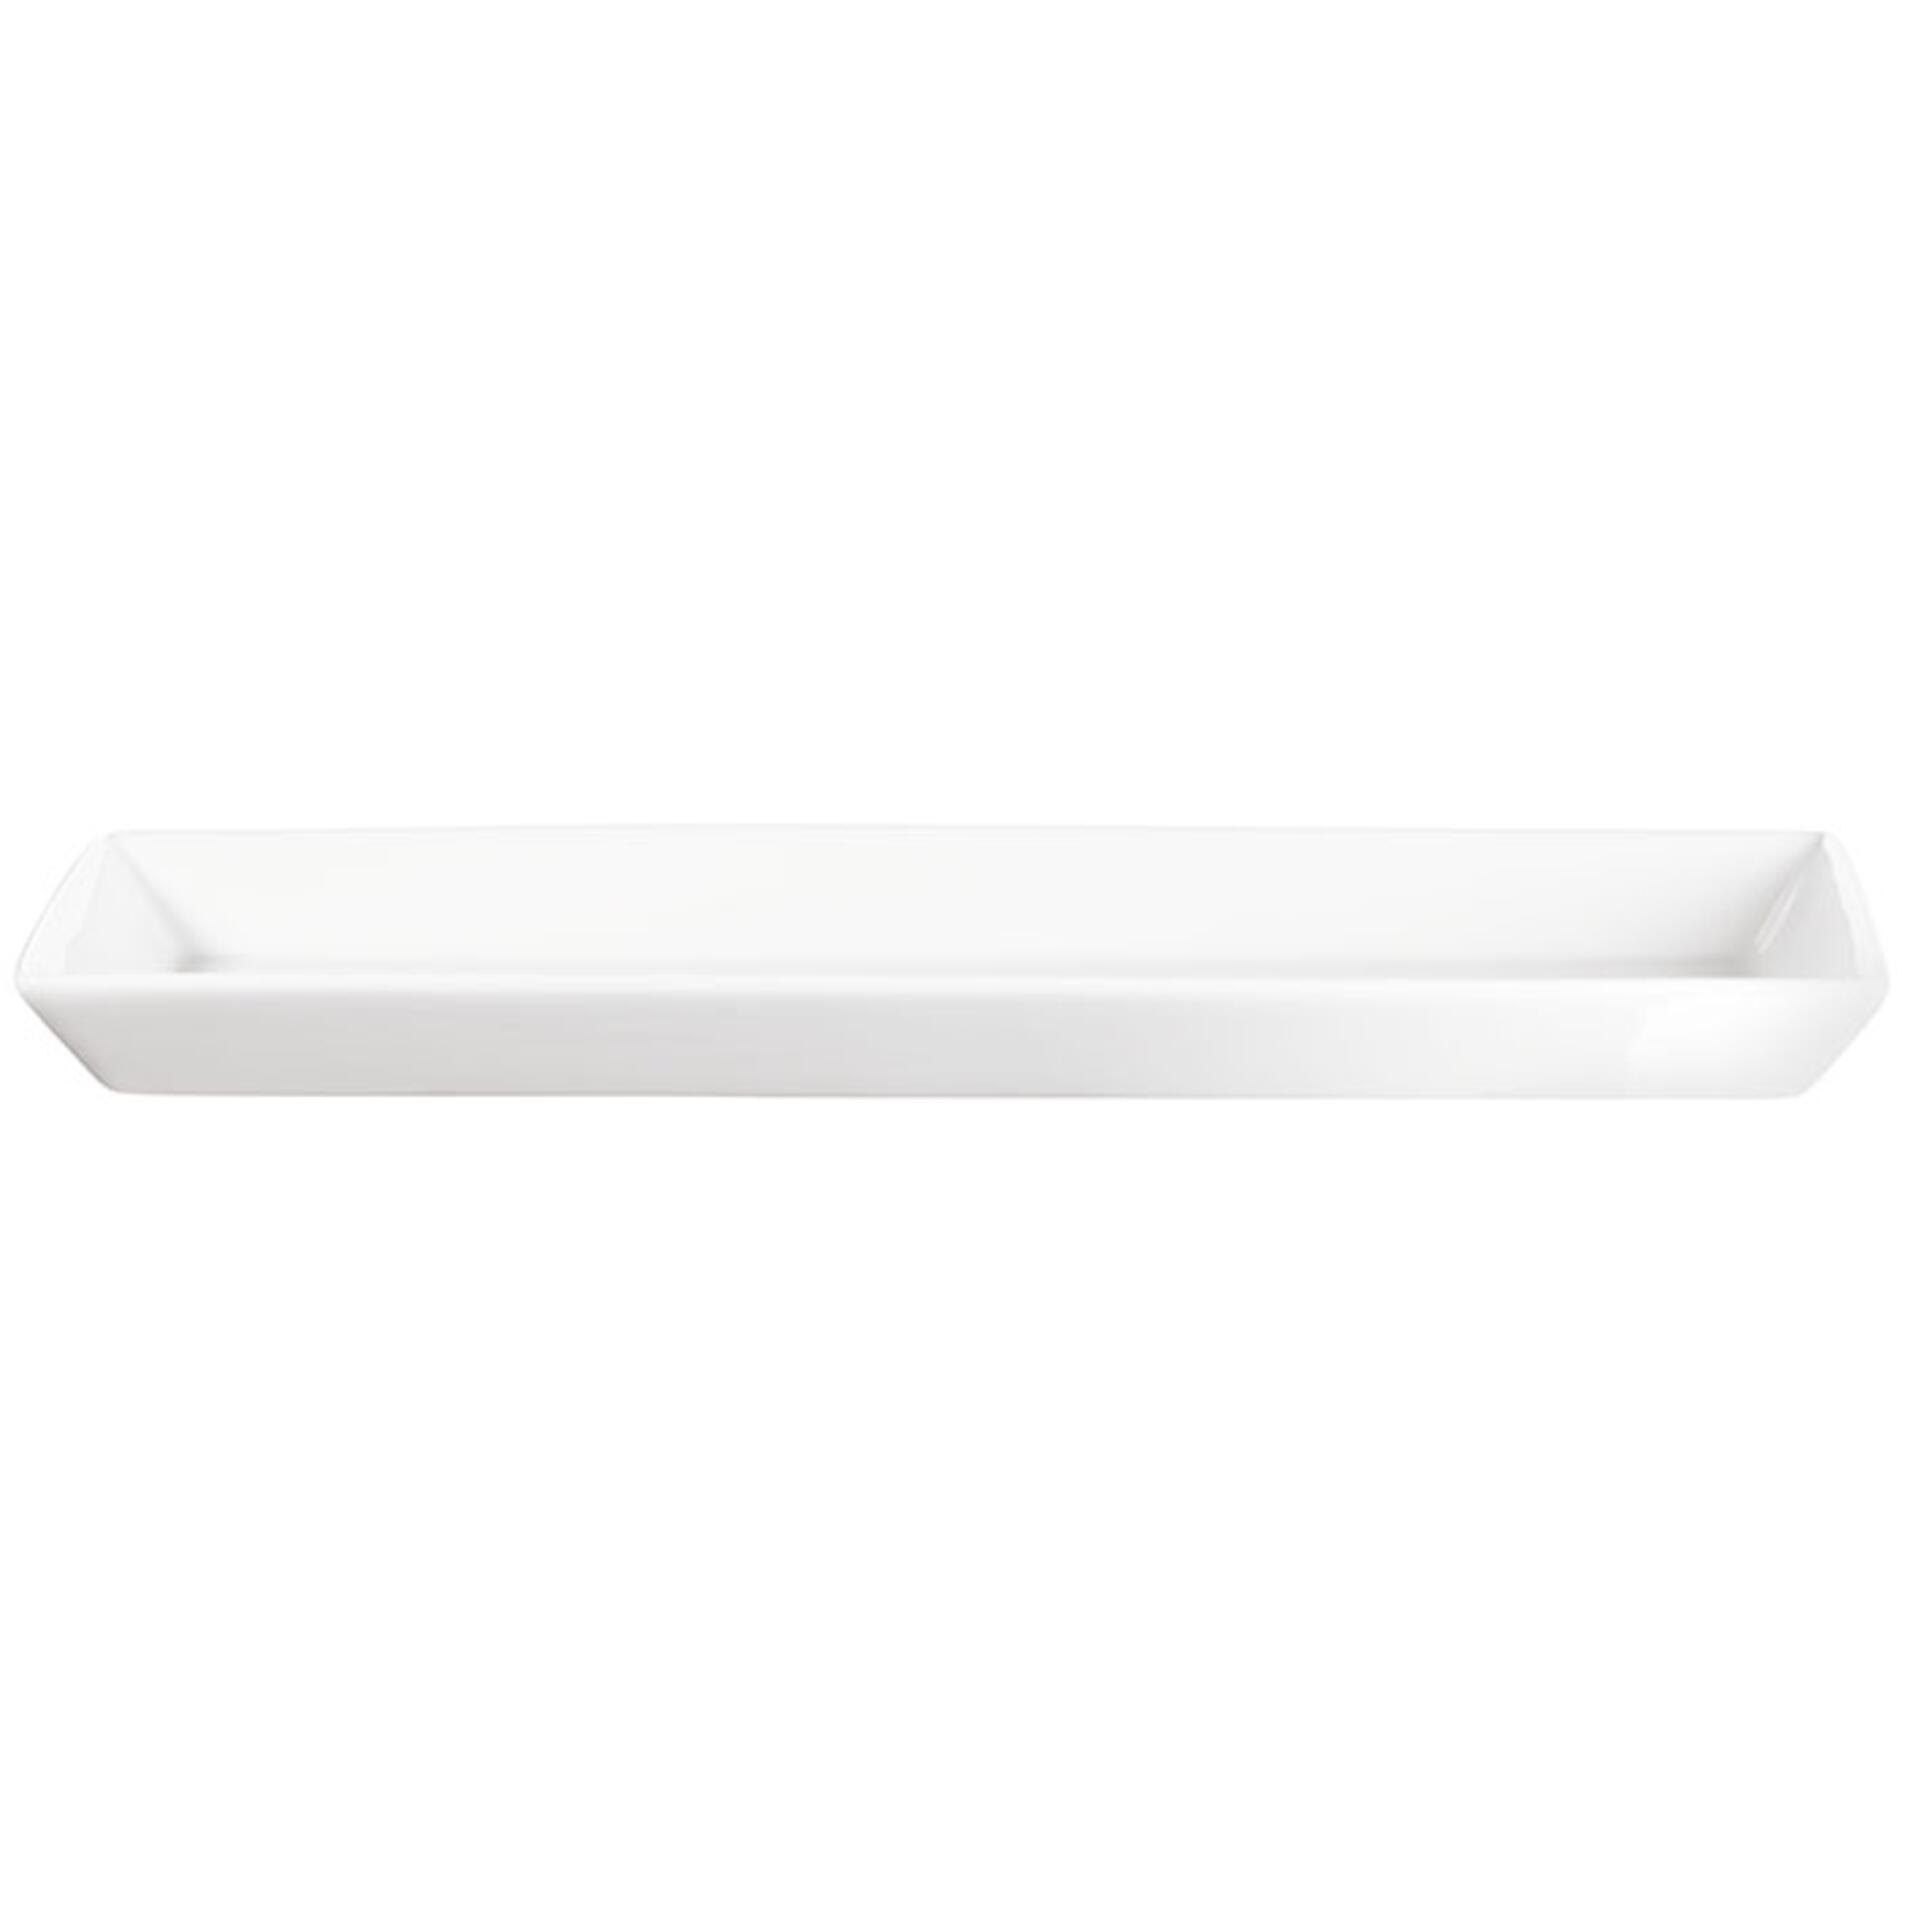 ASA Selection 250° Servierplatte rechteckig 27x17x2,5 cm